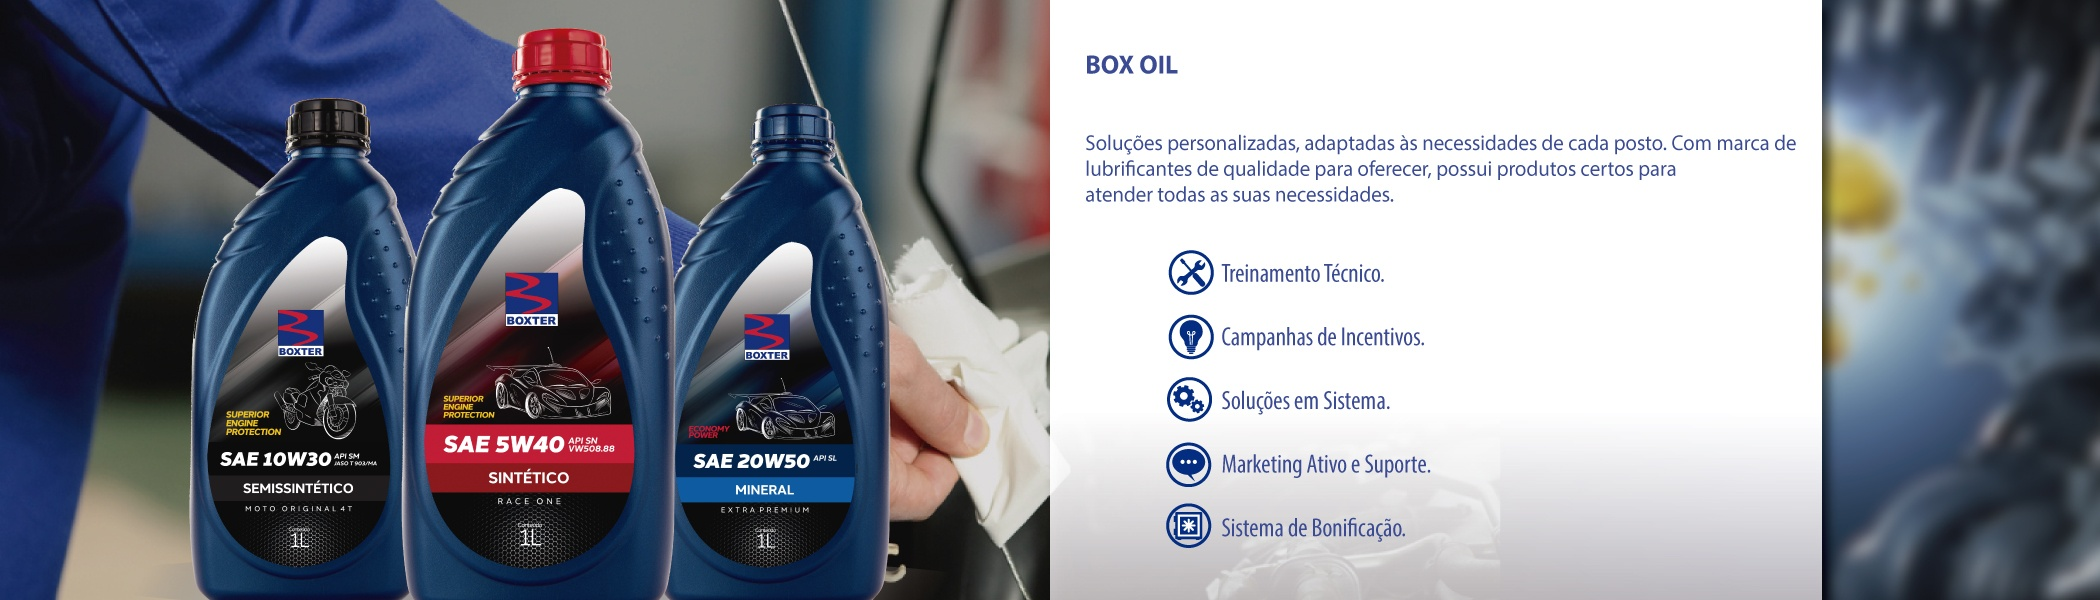 banner-boxter-boxoil-2100x600